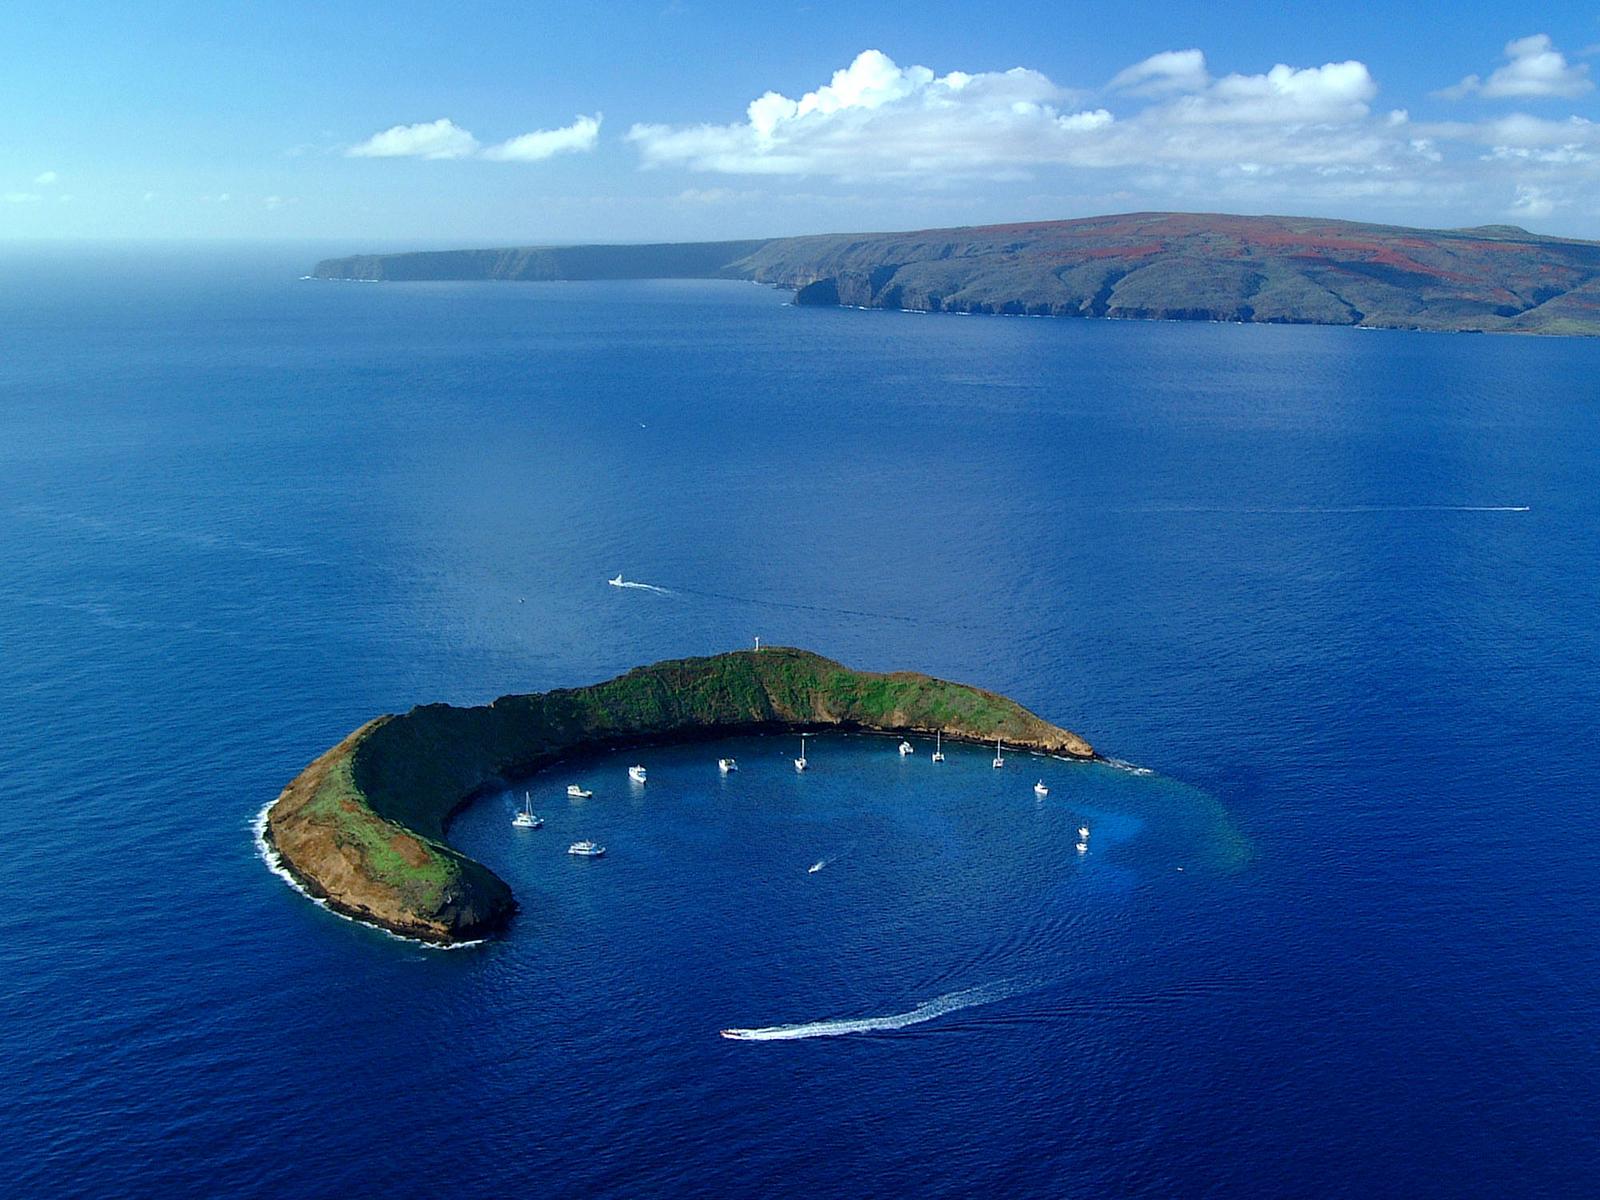 Molokini Crater Maui Wallpaper The Desktop Wallpaper 1600x1200